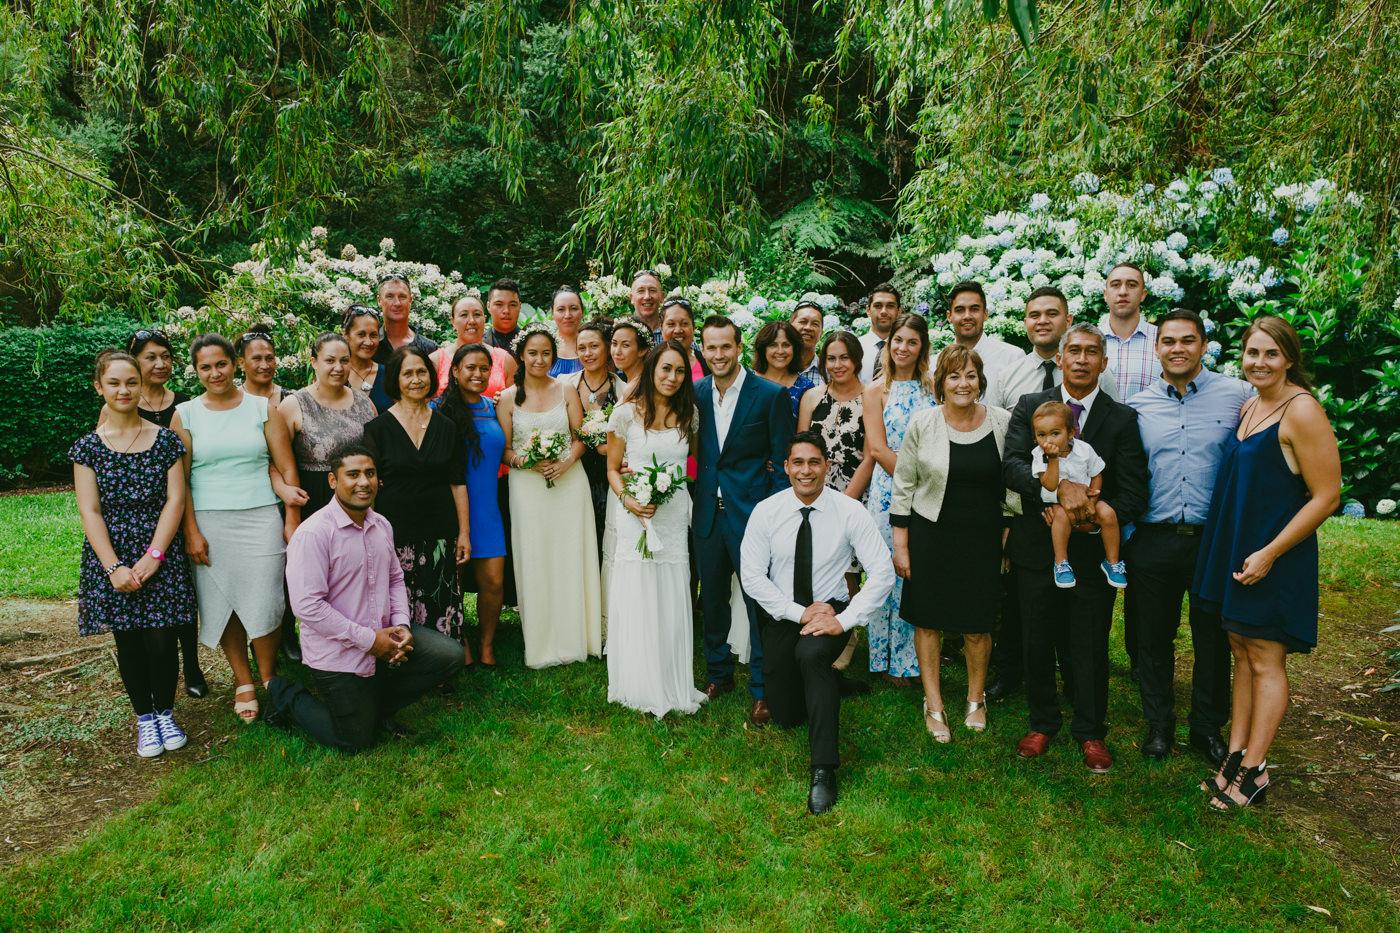 061z_auckland_leigh_wedding_photos.jpg